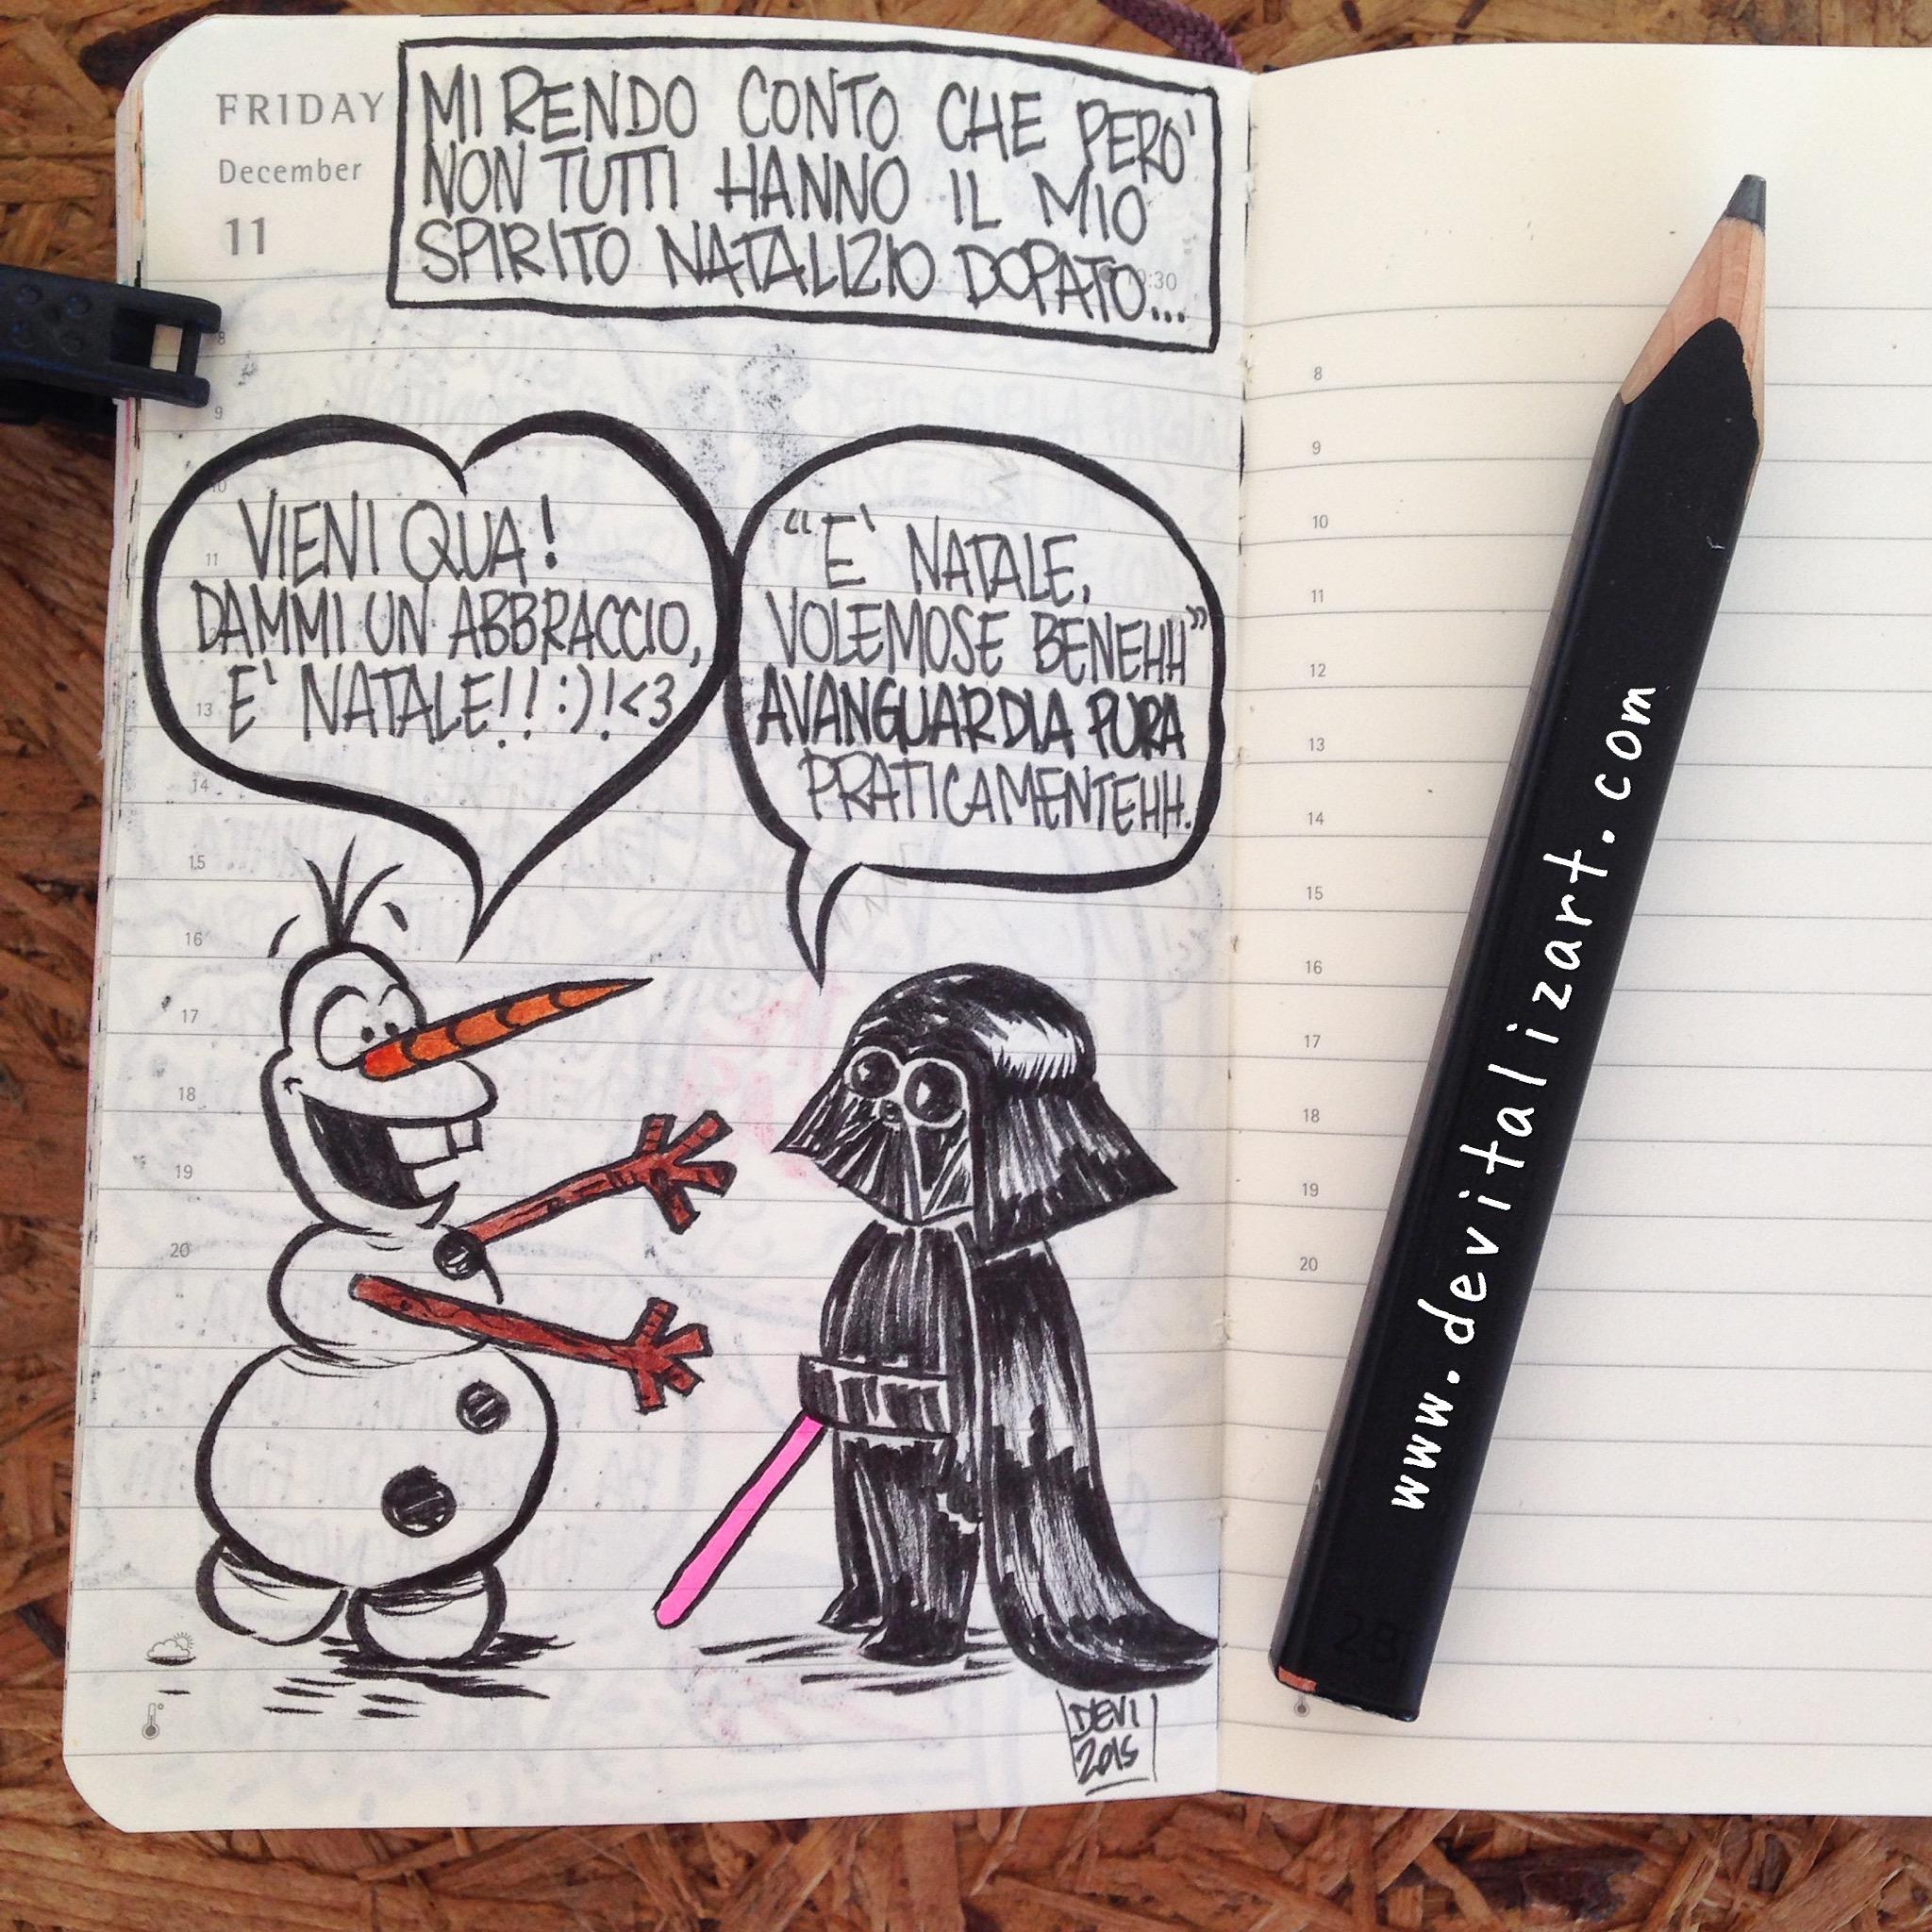 Darth Vader comincia a prendere confidenza con l'universo Disney ma non è proprio convintissimo. Olaf al contrario porterebbe pace e amore nelle Star Wars… -14